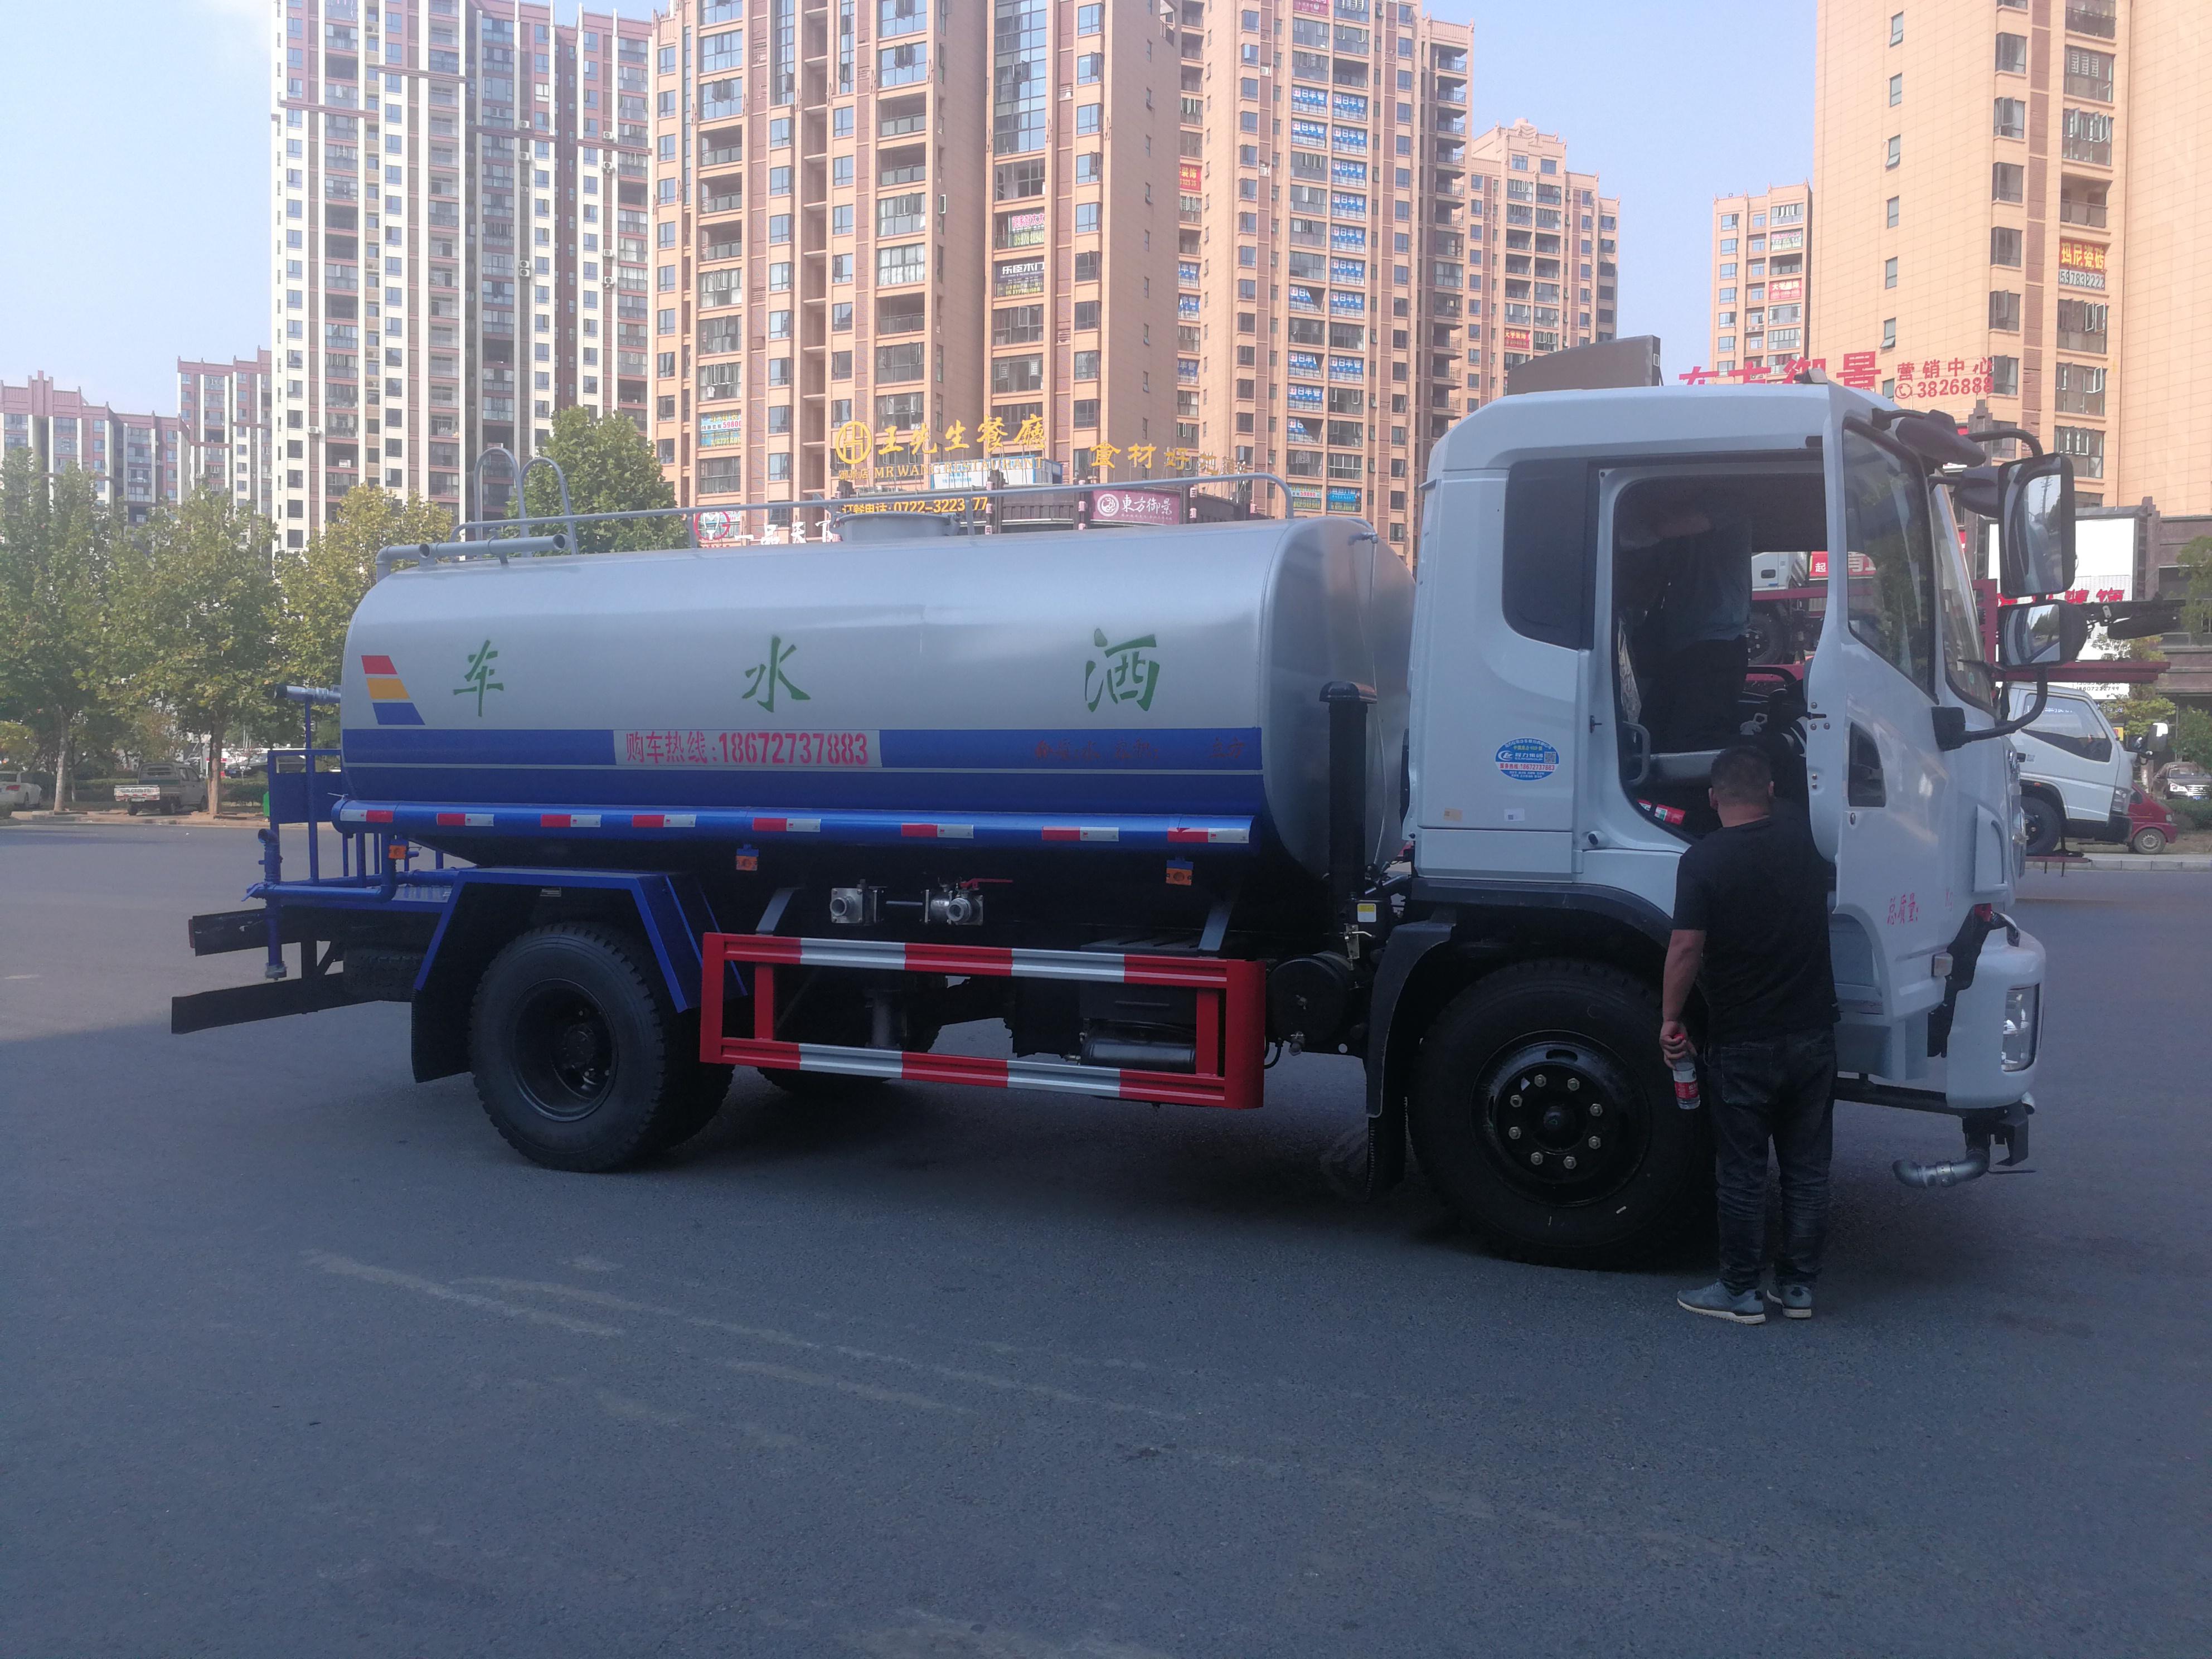 东风商用车 天锦 160马力 4X2 绿化喷洒车(程力威牌)(CLW5163GPSD5)口碑